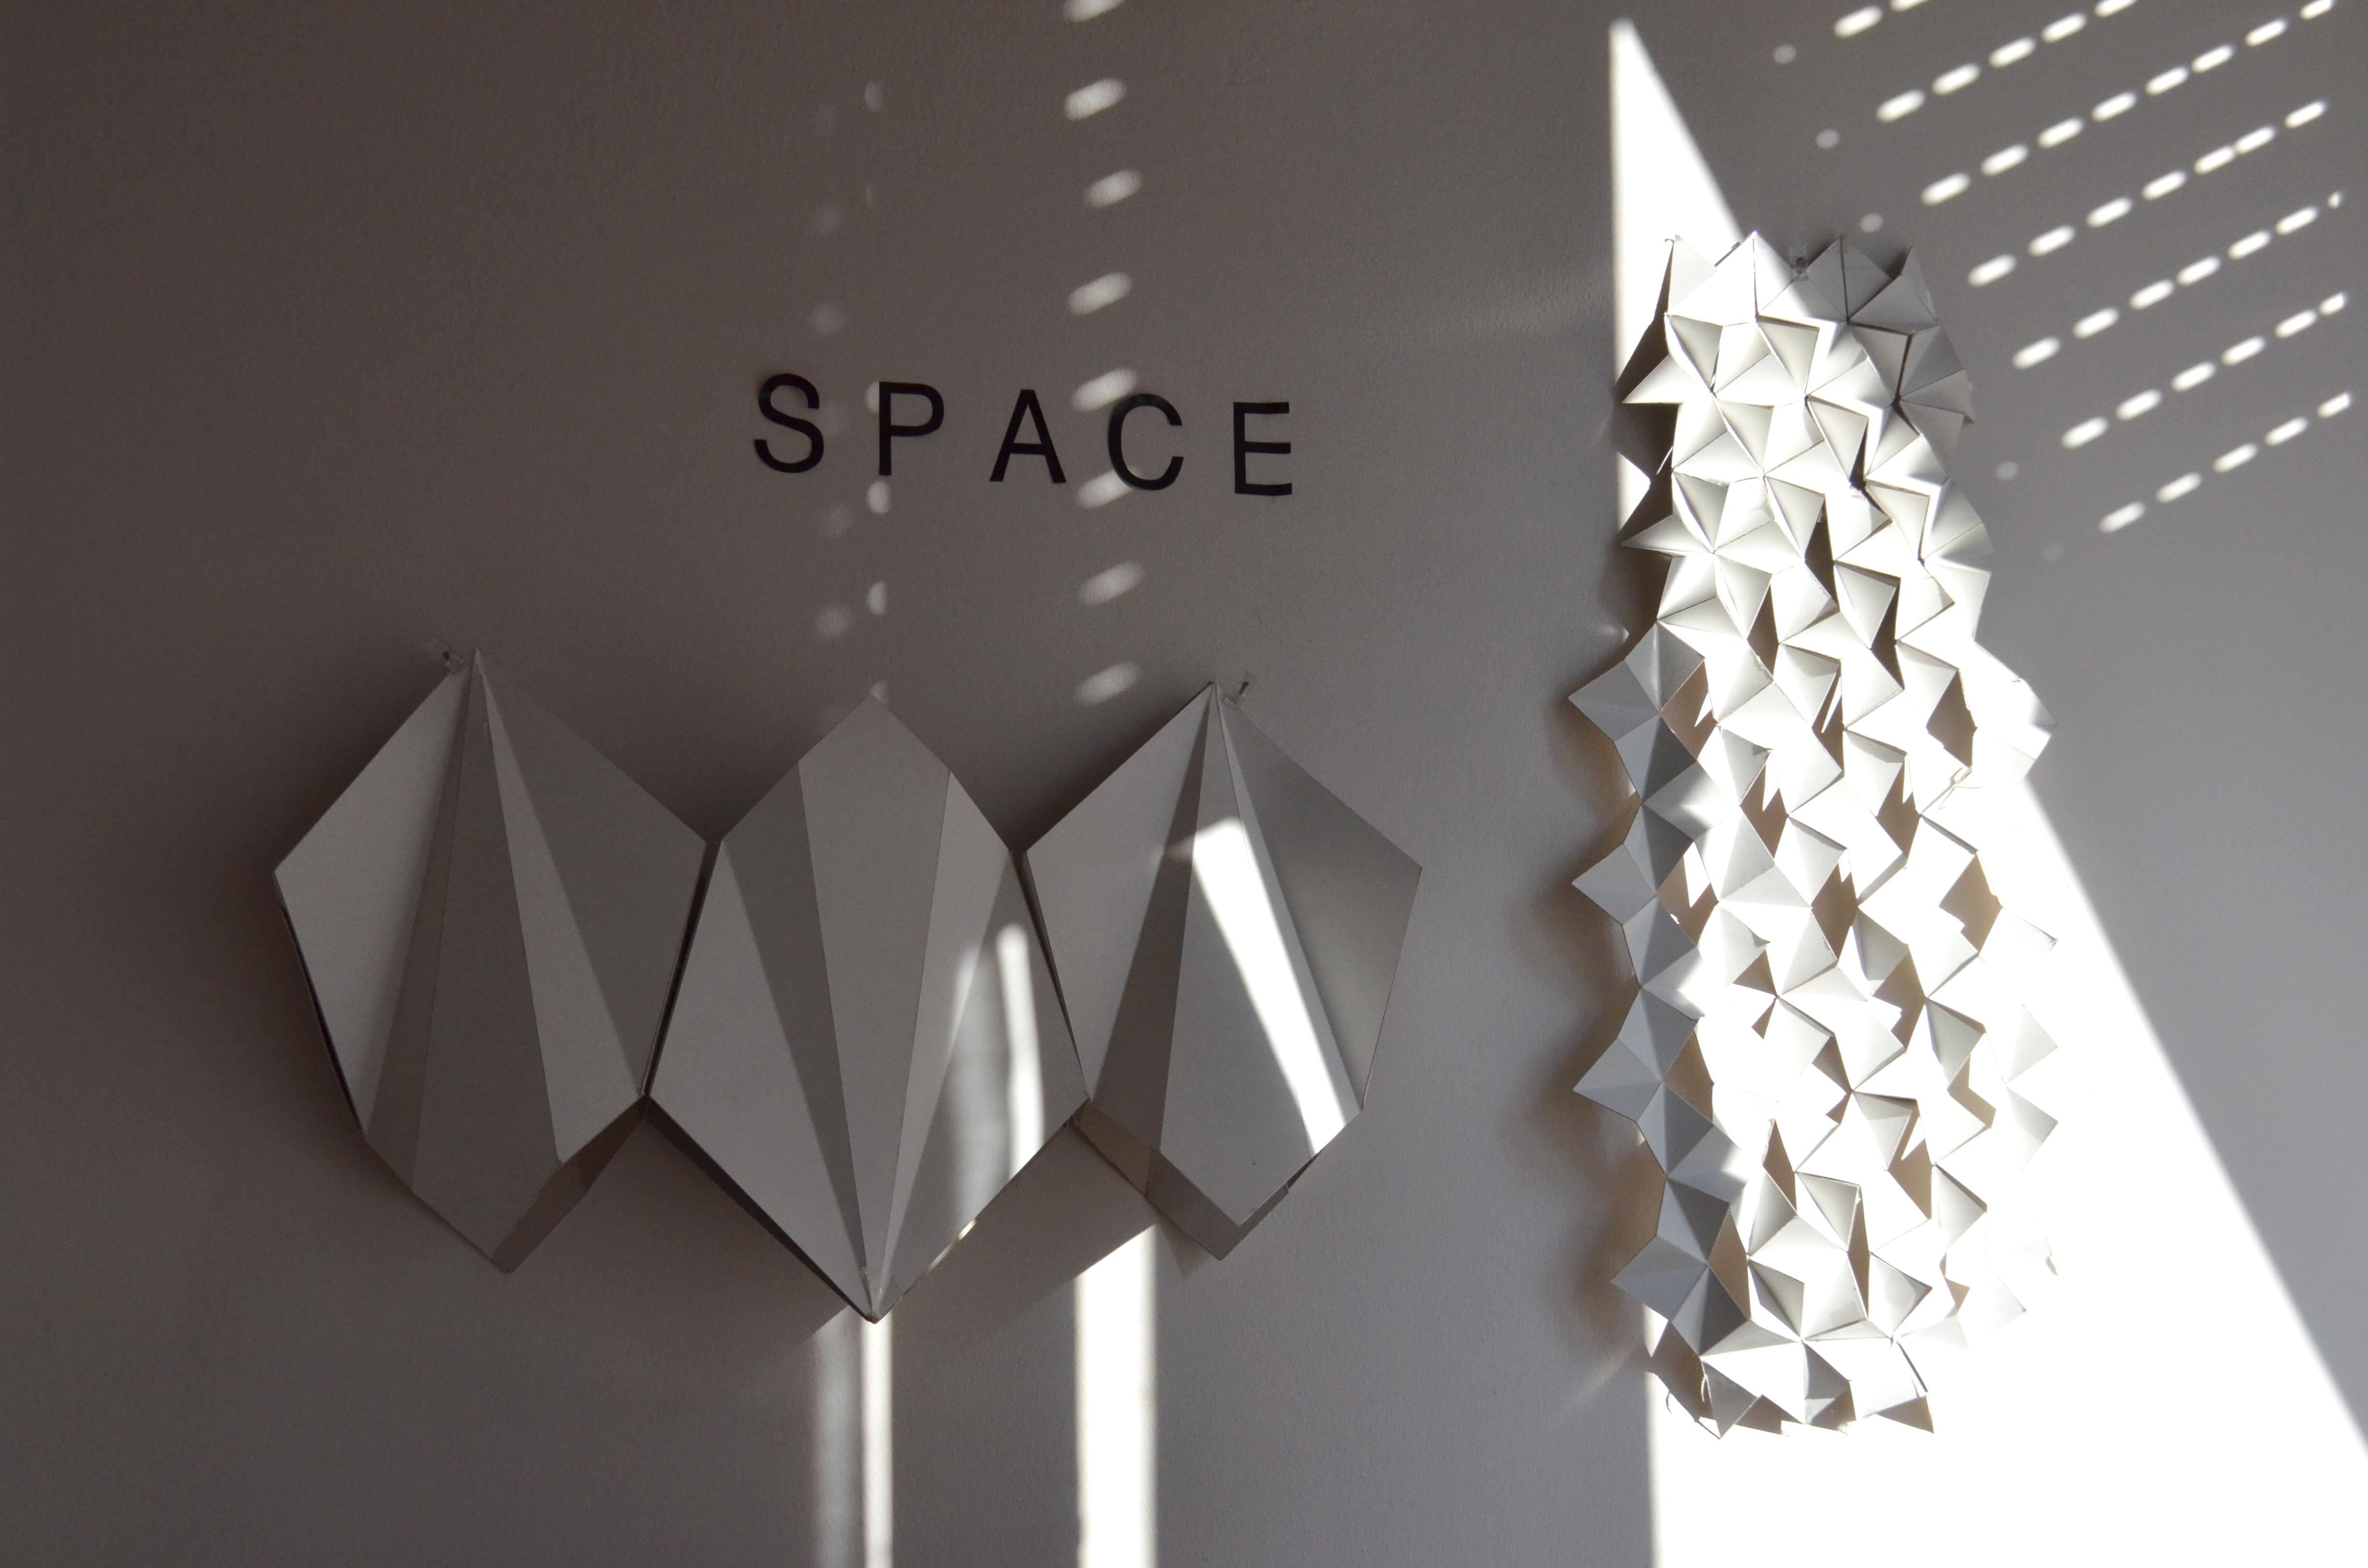 SPACE UNDER